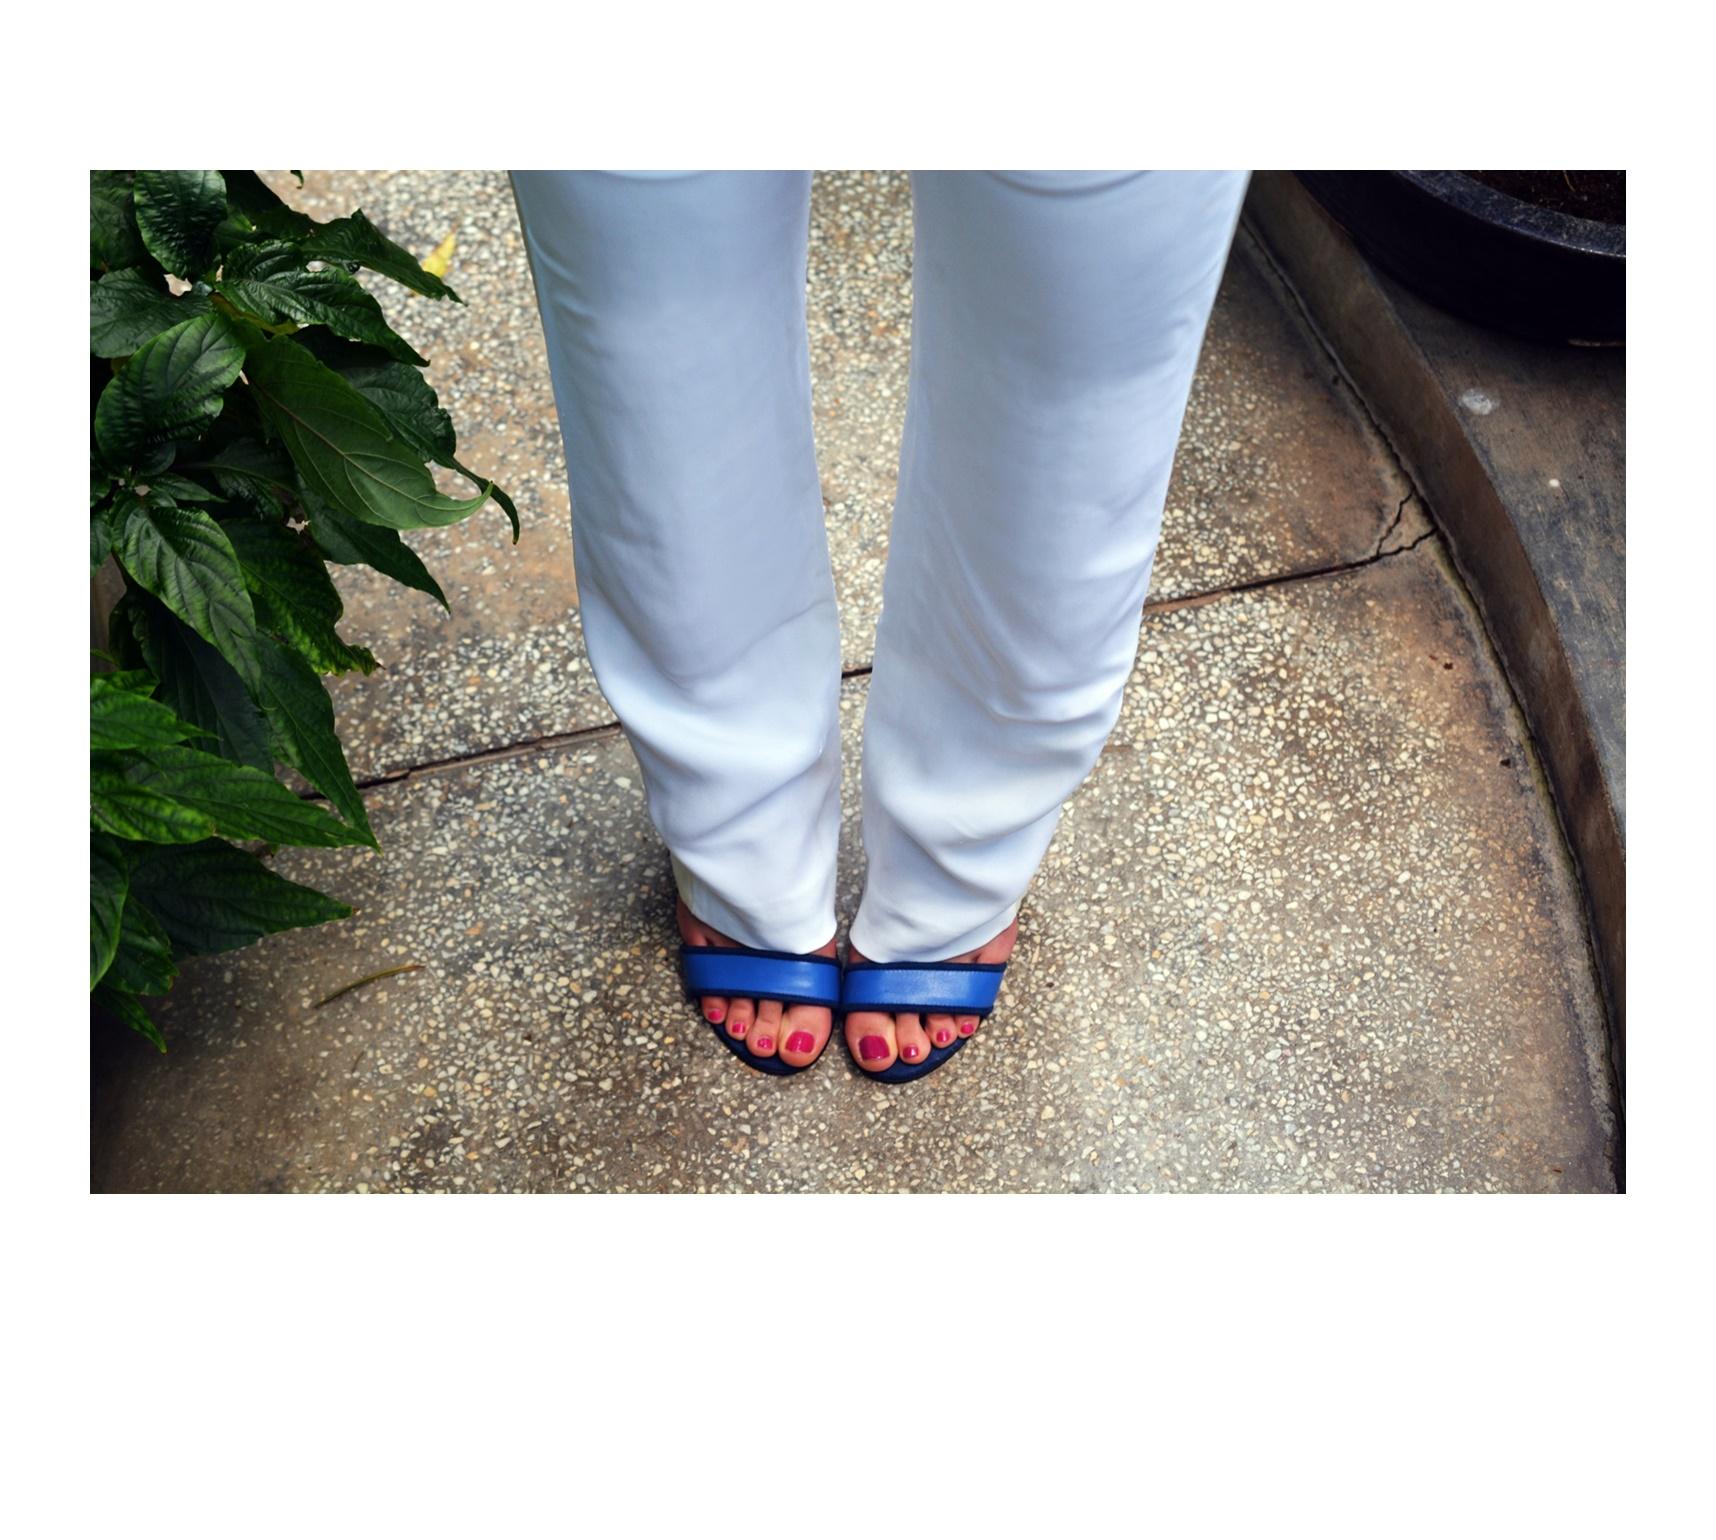 sandale diane marie